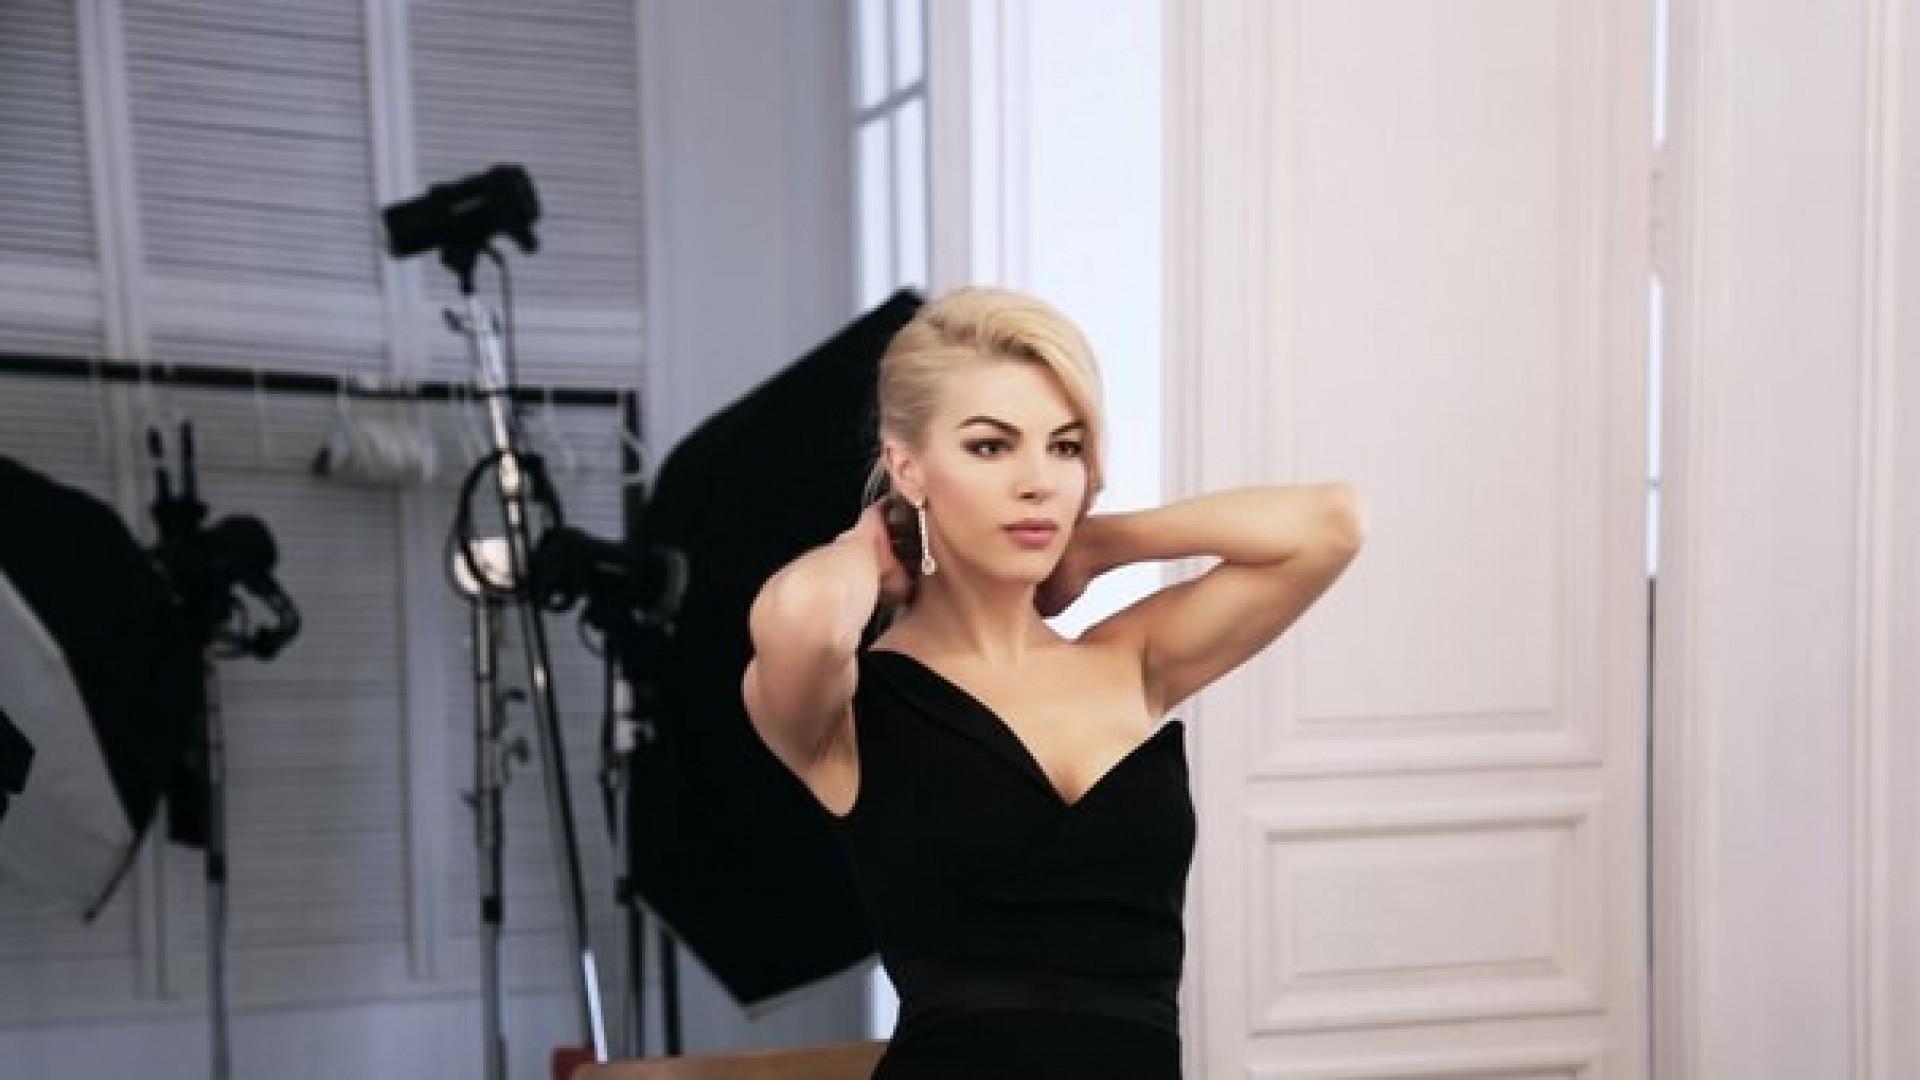 Актриса Оксана Сидоренко: «Мне нравится играть сильных женщин, потому что в жизни я маленький кролик»